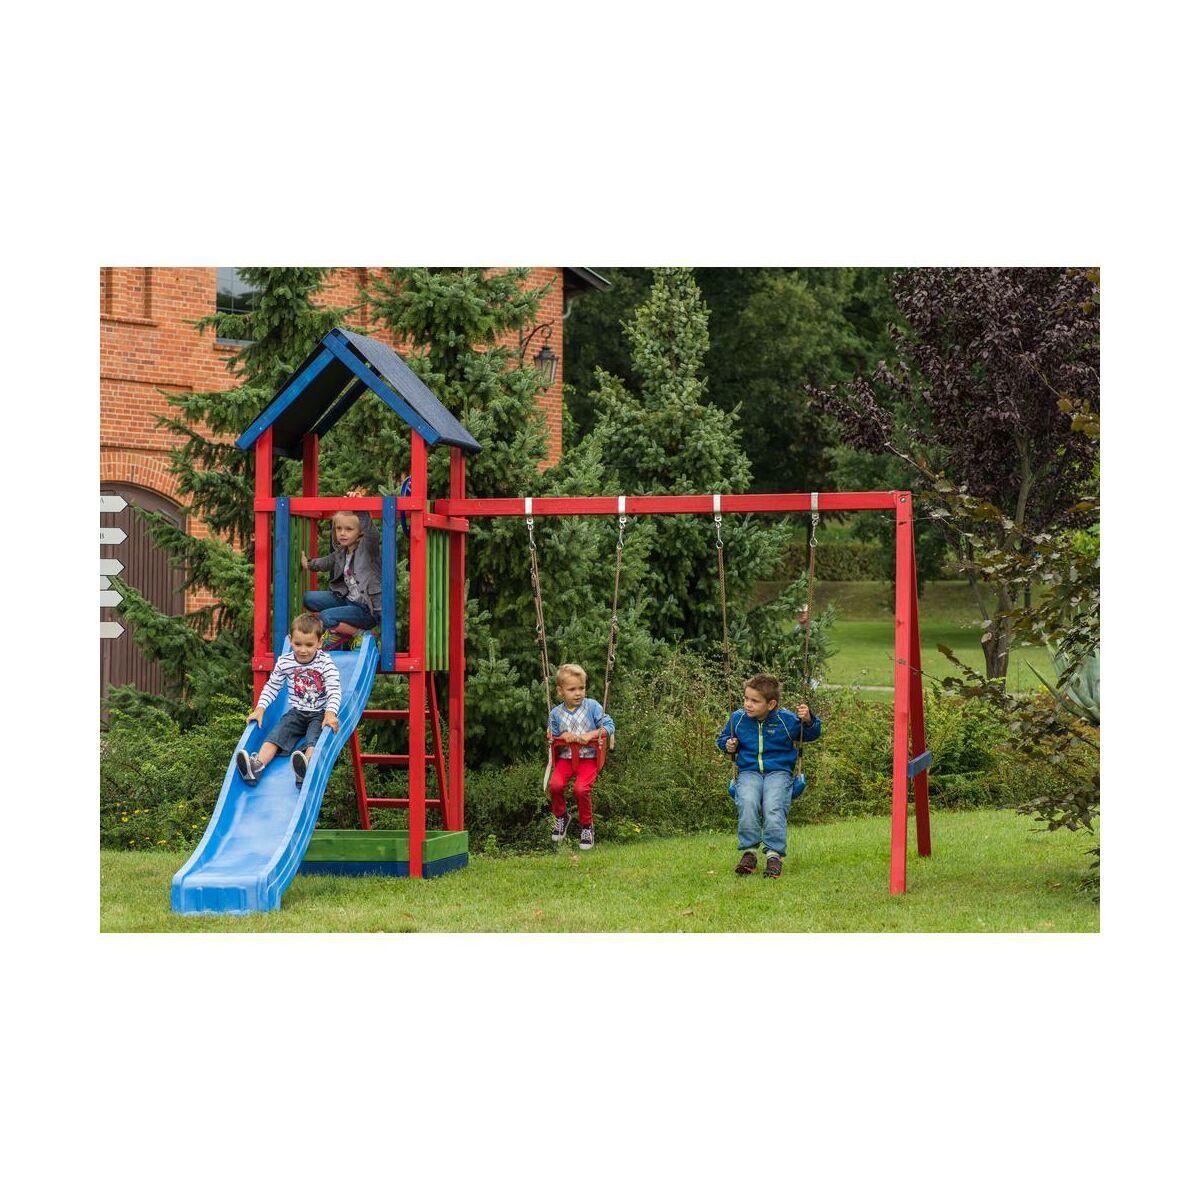 Ogrodowy Plac Zabaw Dla Dzieci Zuzia Drewniany Sobex Hustawki Dla Dzieci Bujaki W Atrakcyjnej Cenie W Sklepach Leroy Merlin